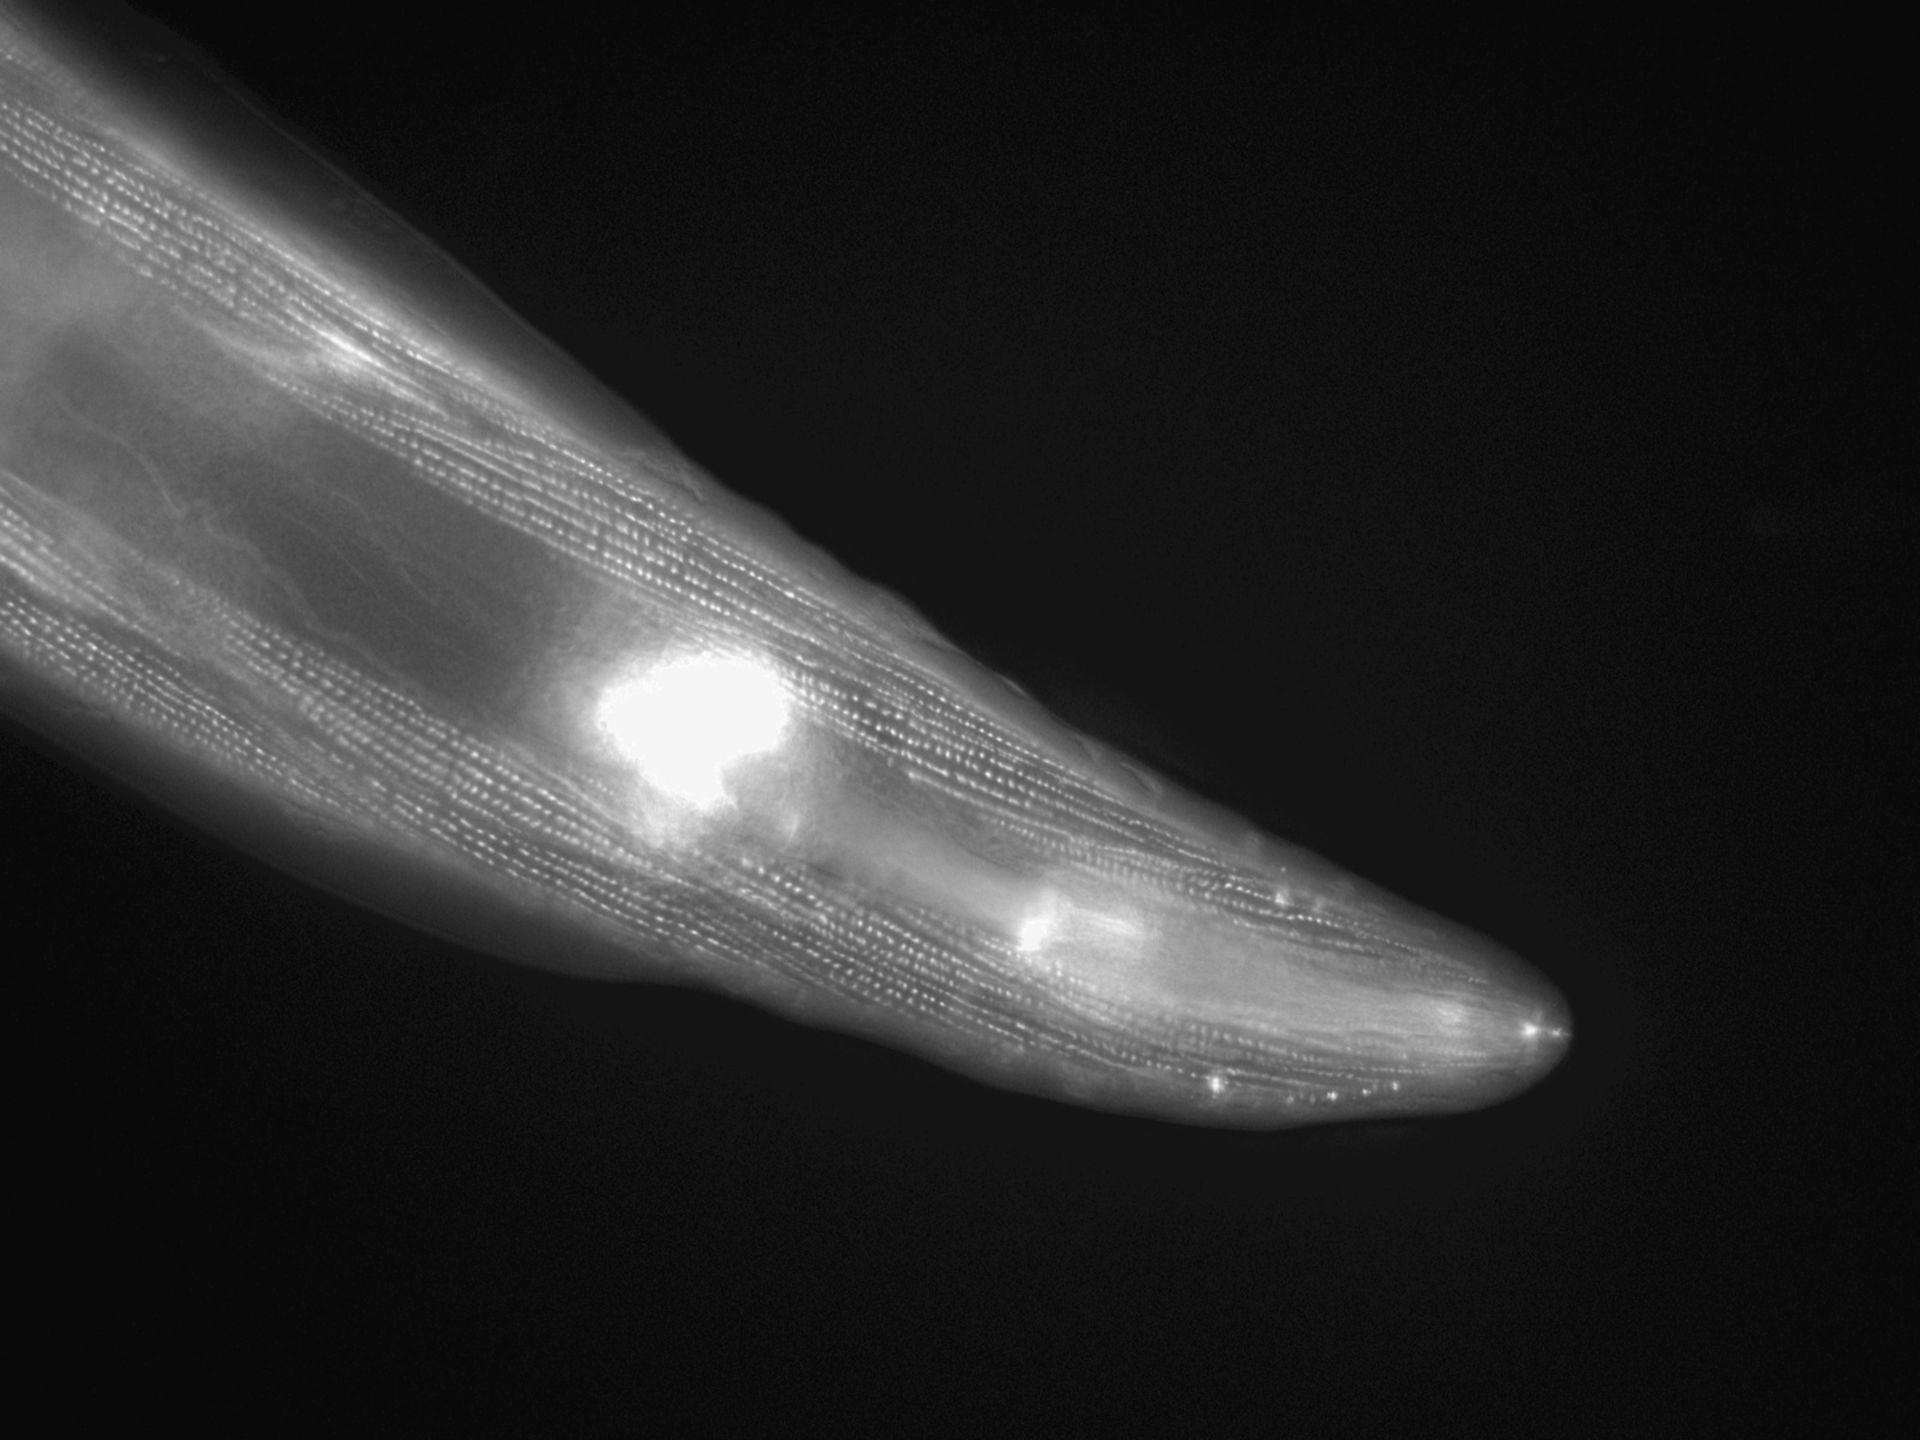 Caenorhabditis elegans (Actin filament) - CIL:1154